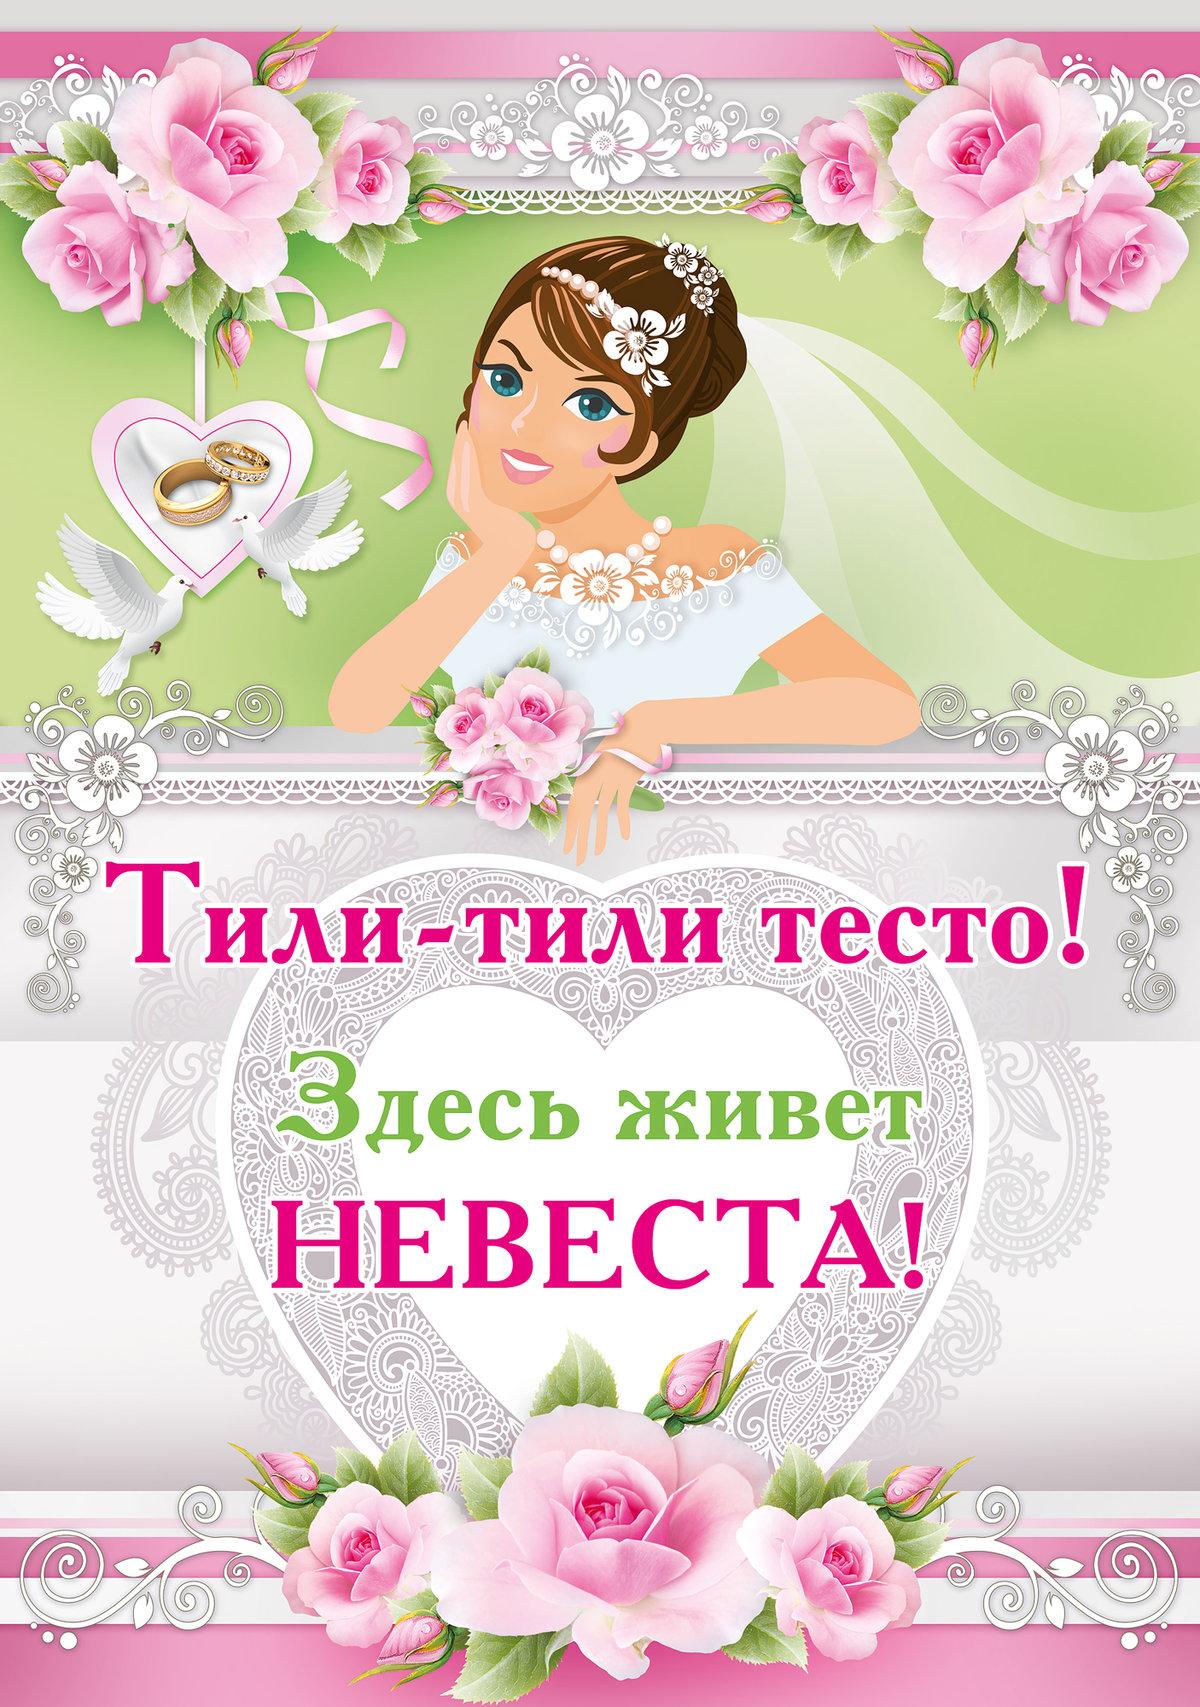 Выкуп невесты. Как украсить подъезд на выкуп? 68